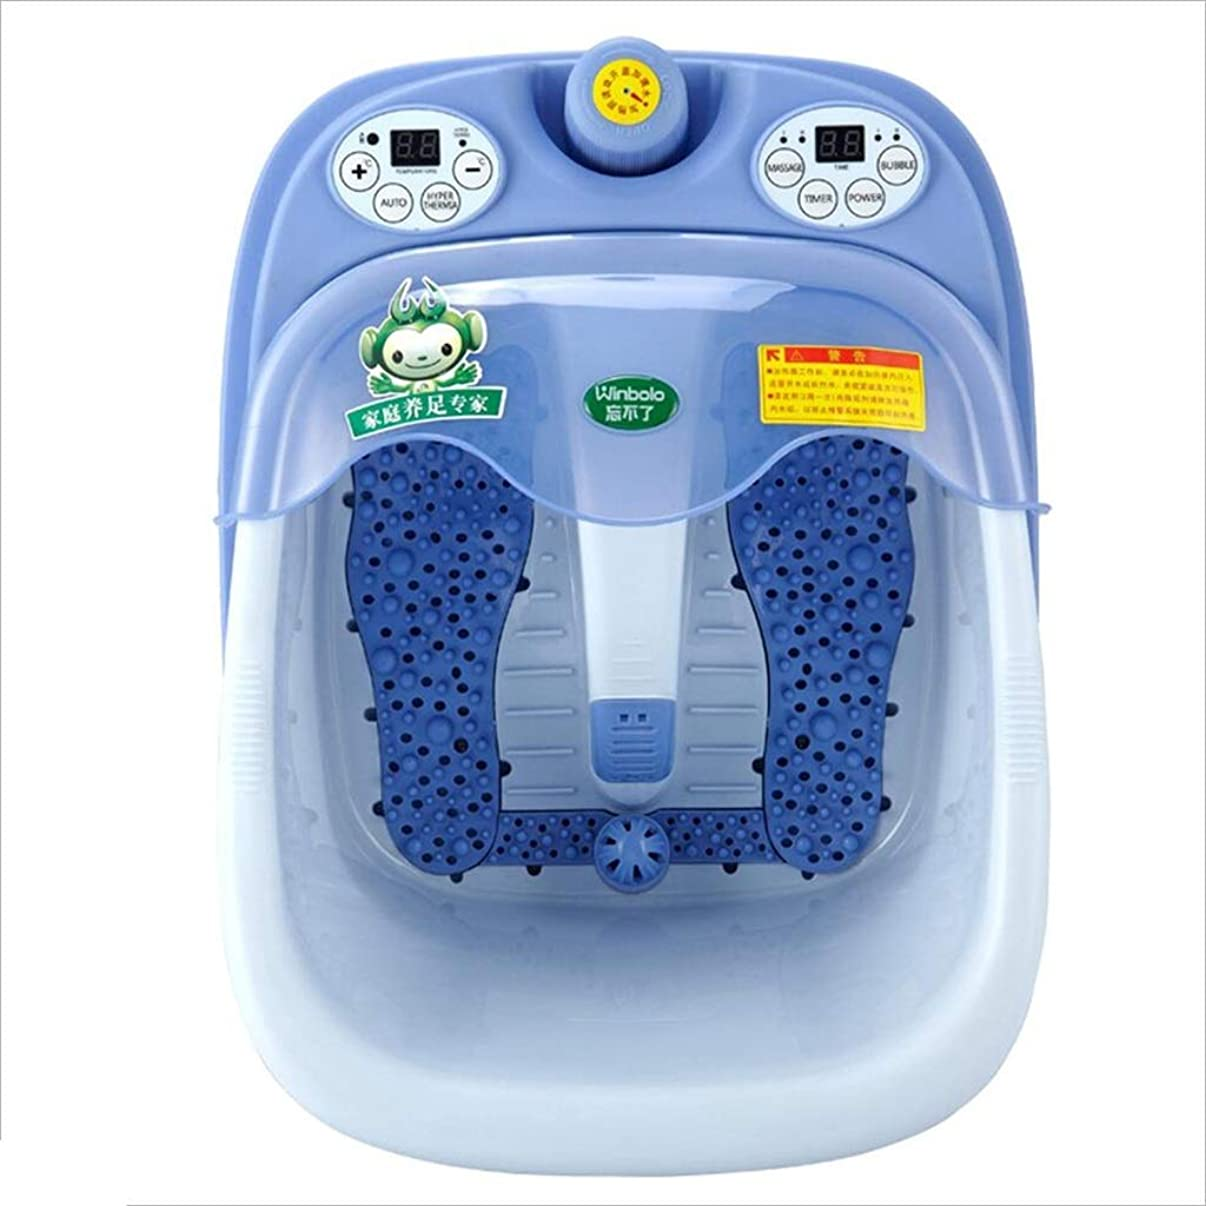 ギネスそうでなければ靴下GWM 理性的な声のマッサージの洗面器、自動マッサージの泡の洗面器の暖房のフィートのマッサージ機械